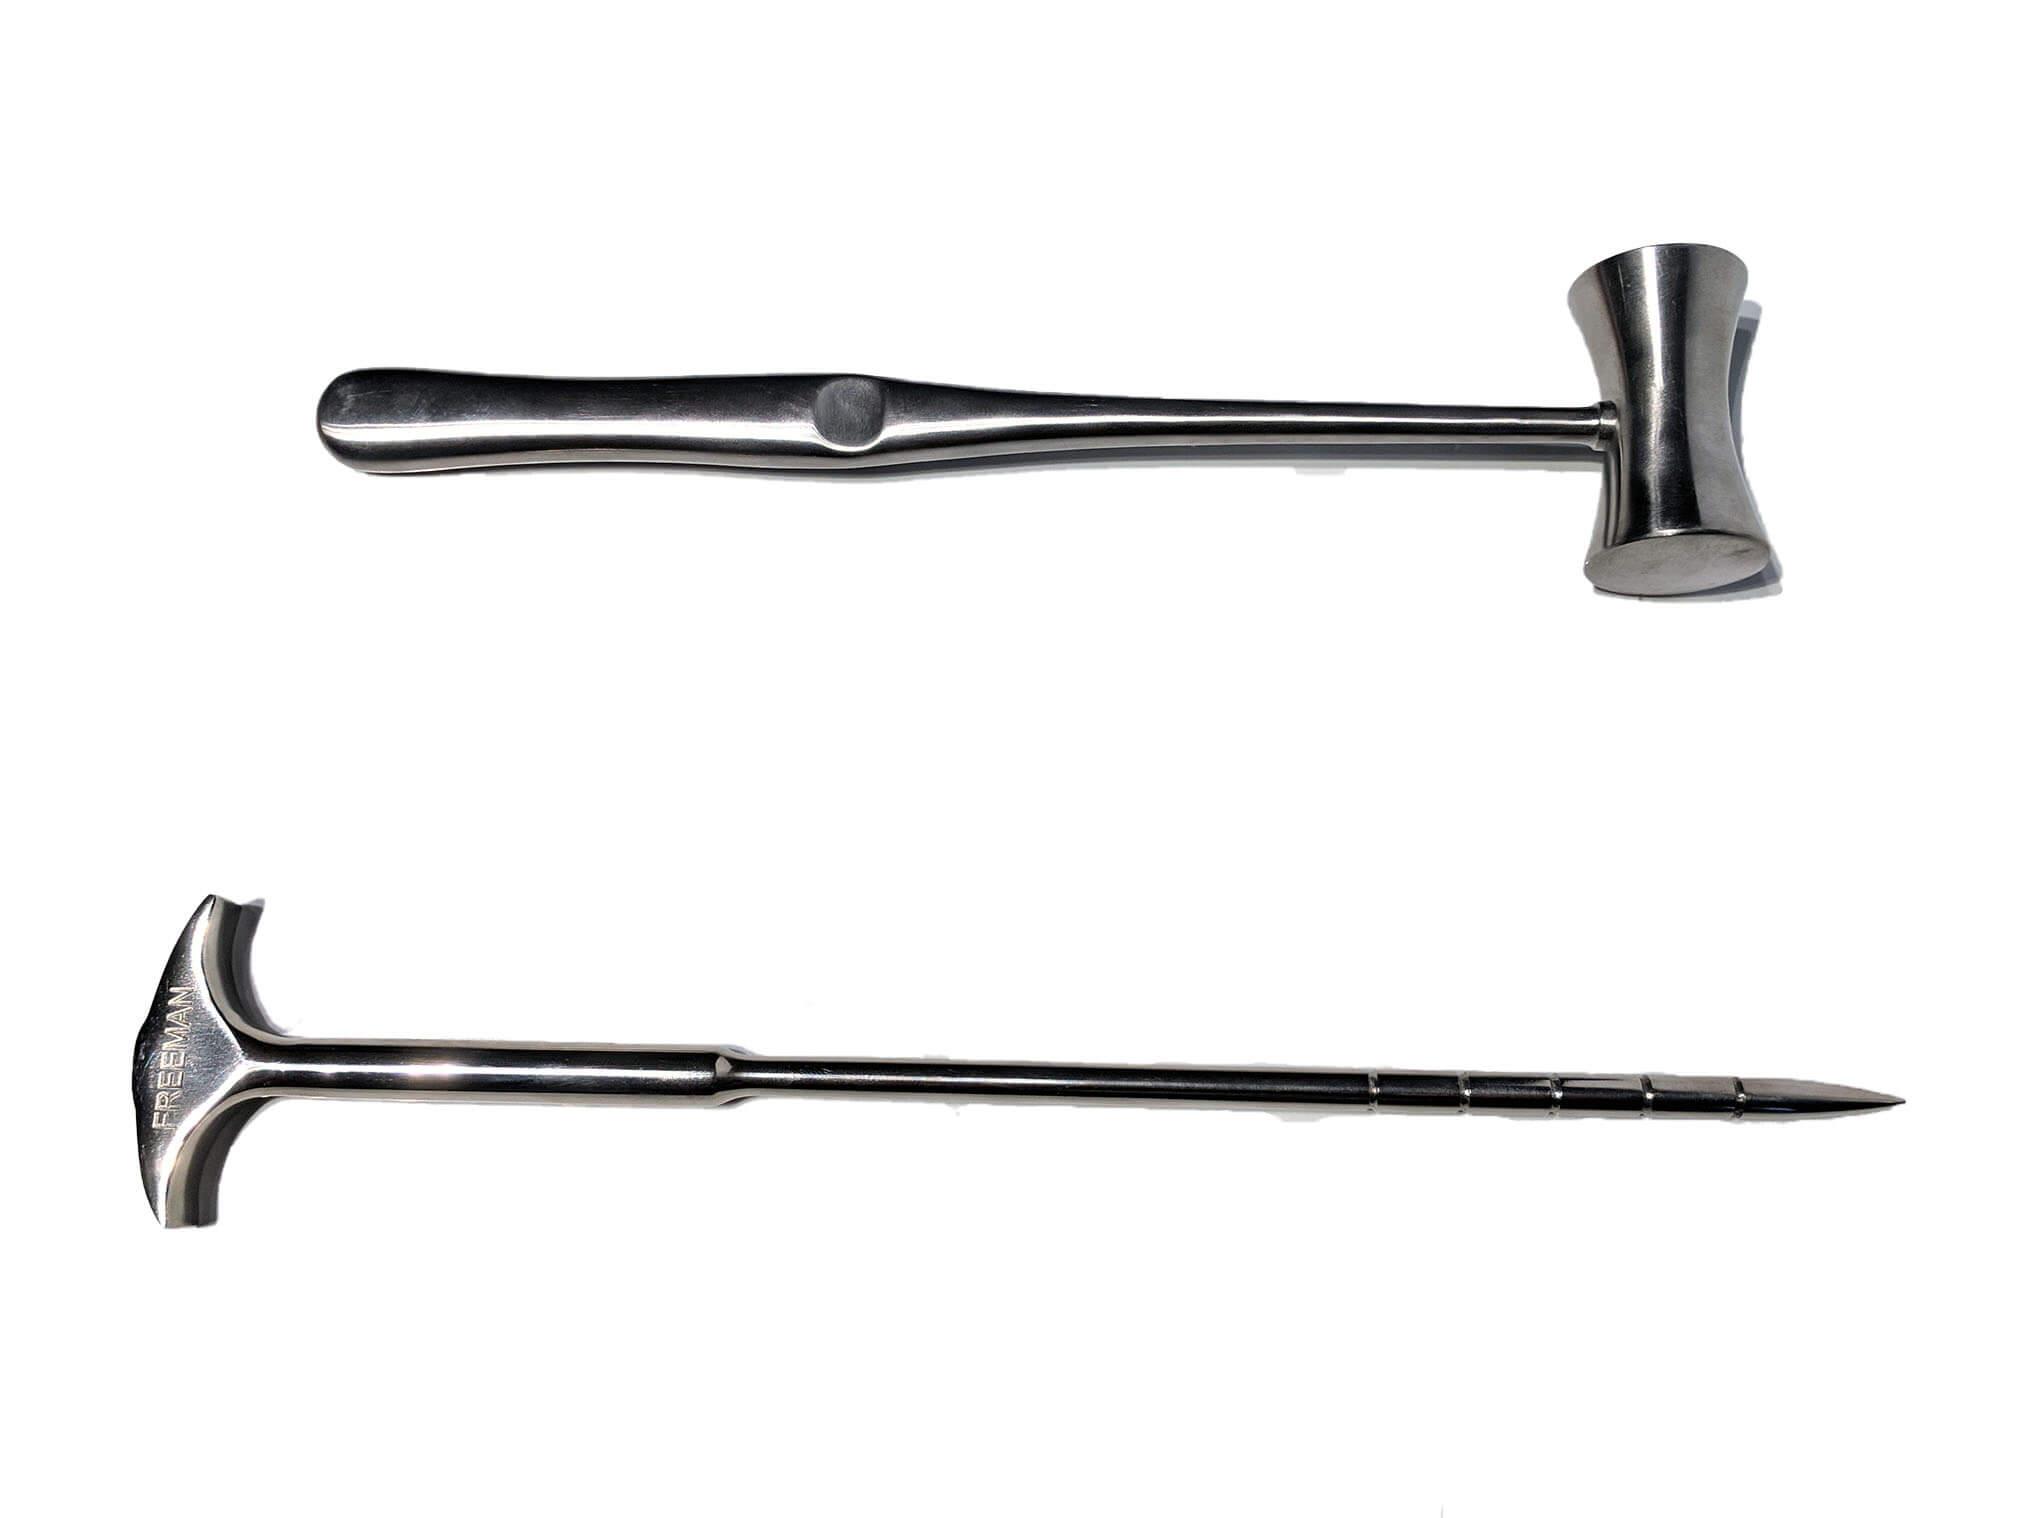 Lobotomy tools (2).jpg